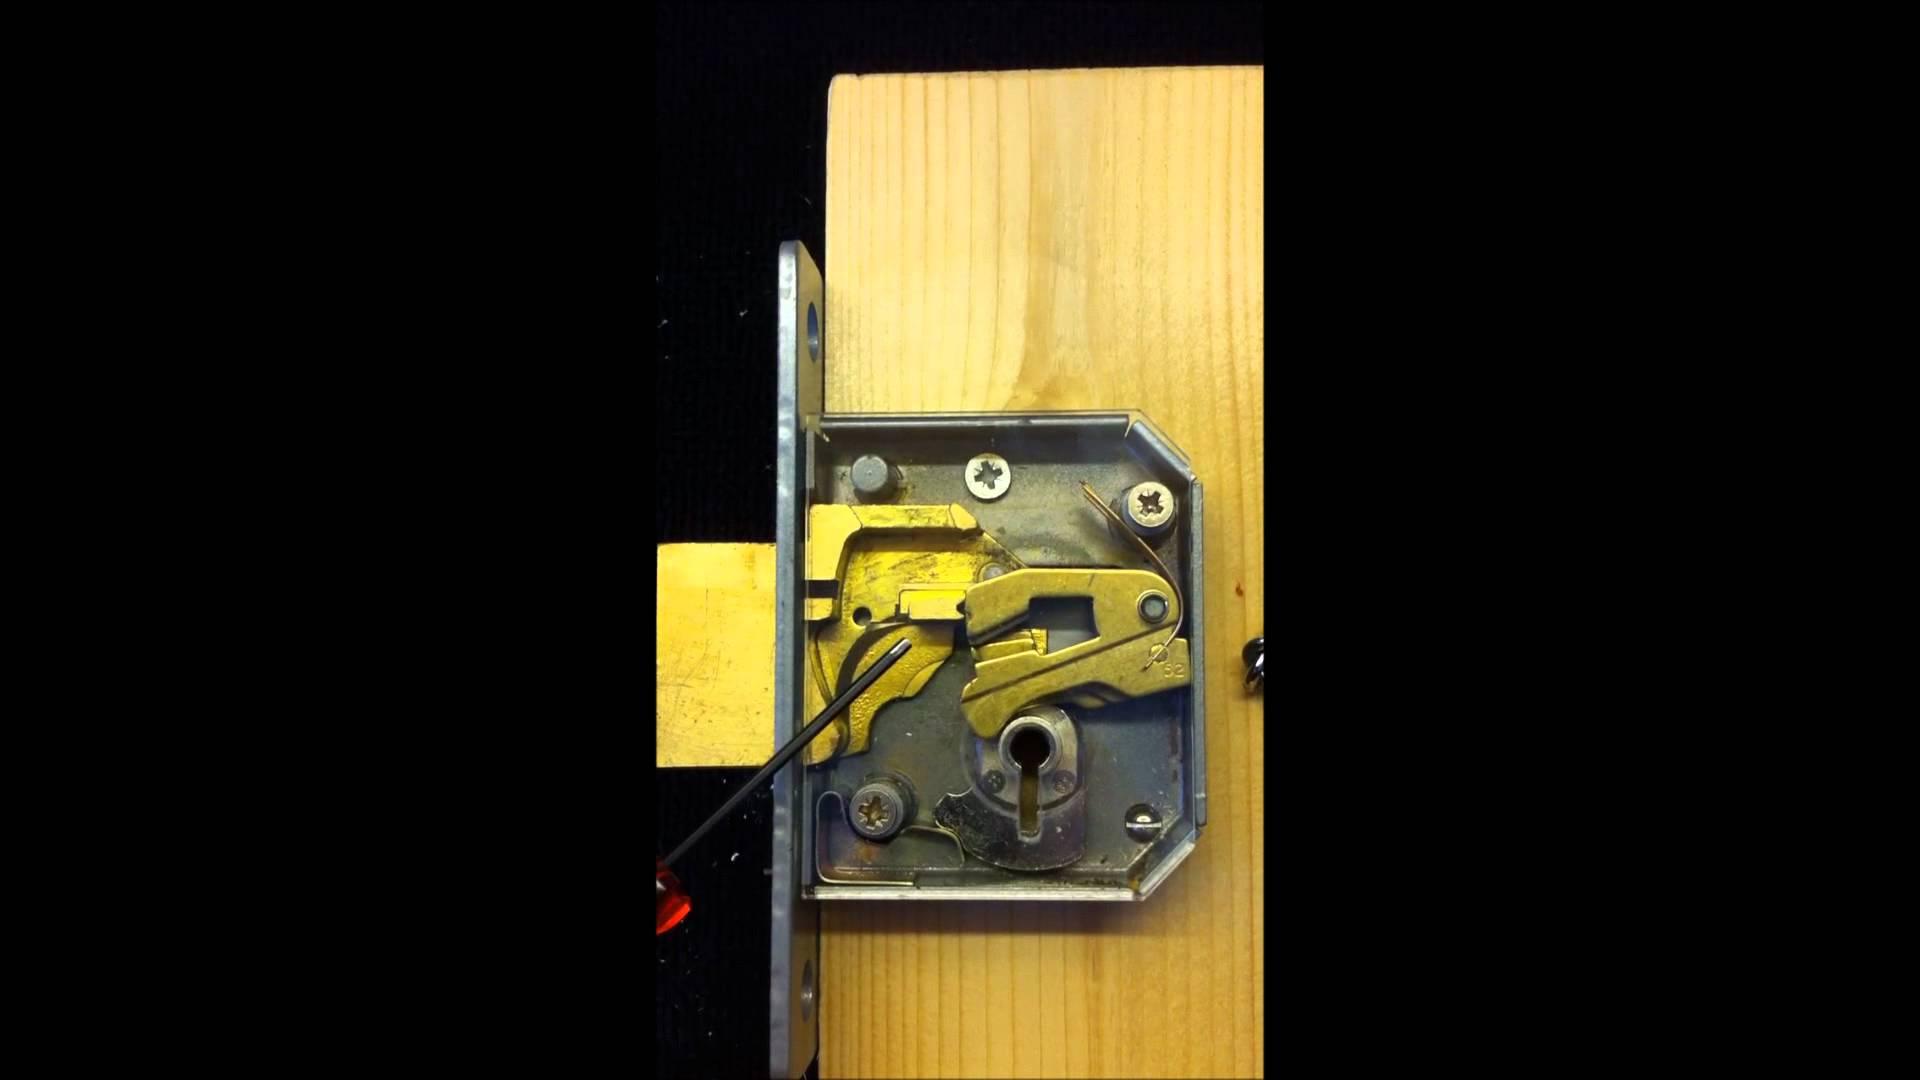 Keyless entry | AC Locksmiths Norfolk 07846 643176